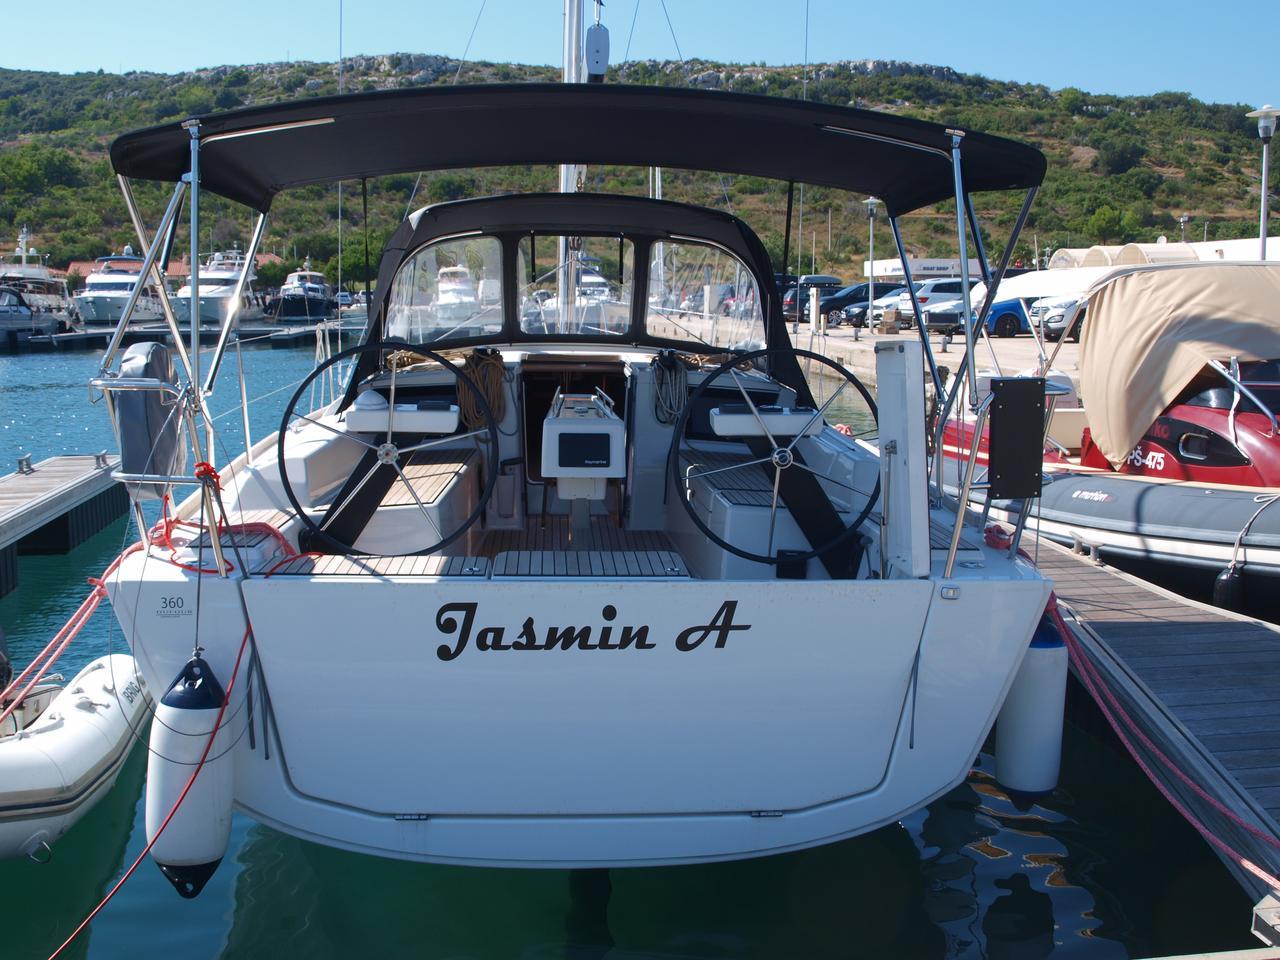 Dufour 360 GL - Jasmin A